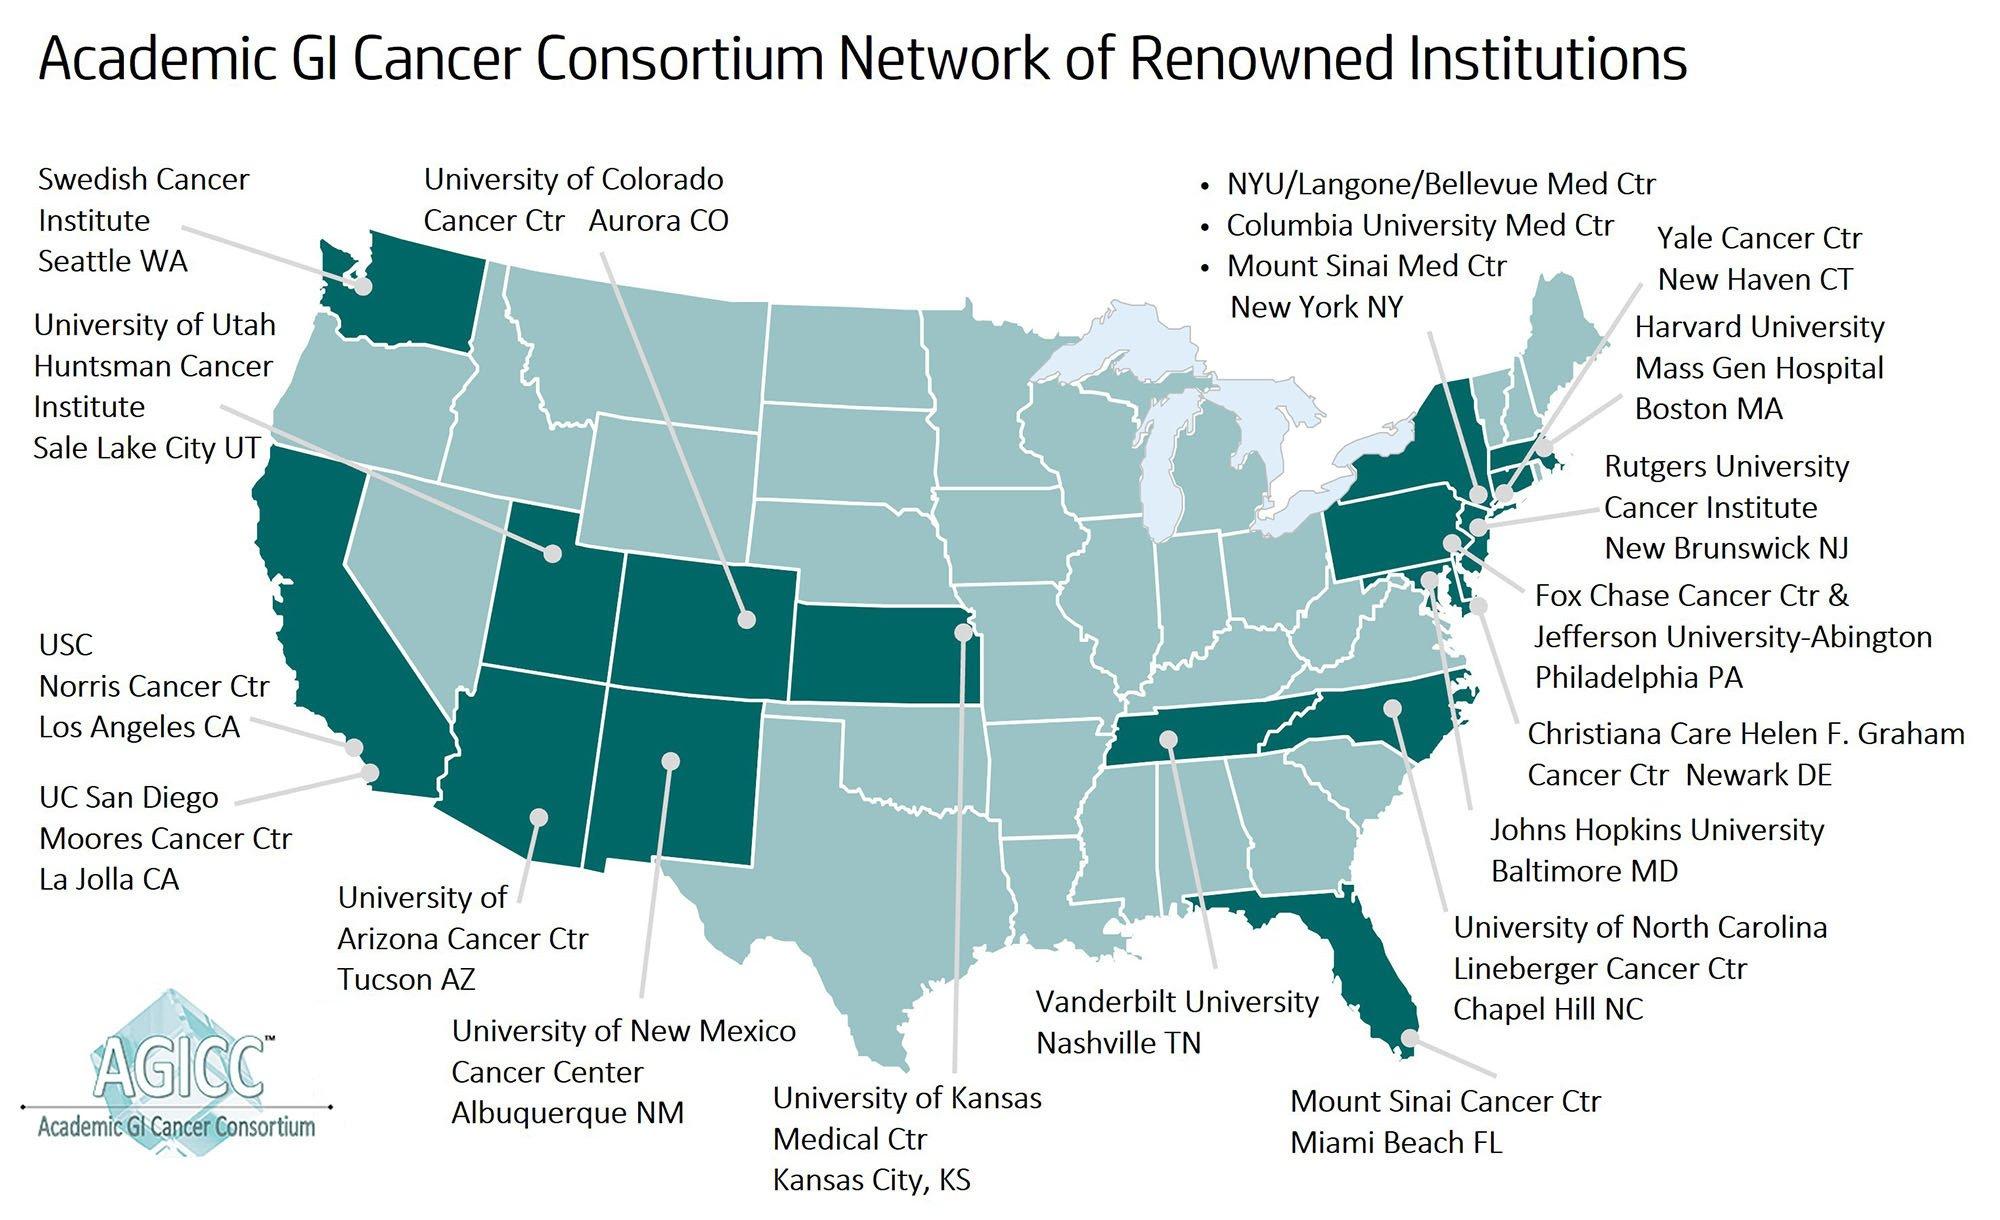 Academic GI Cancer Consortium - Criterium